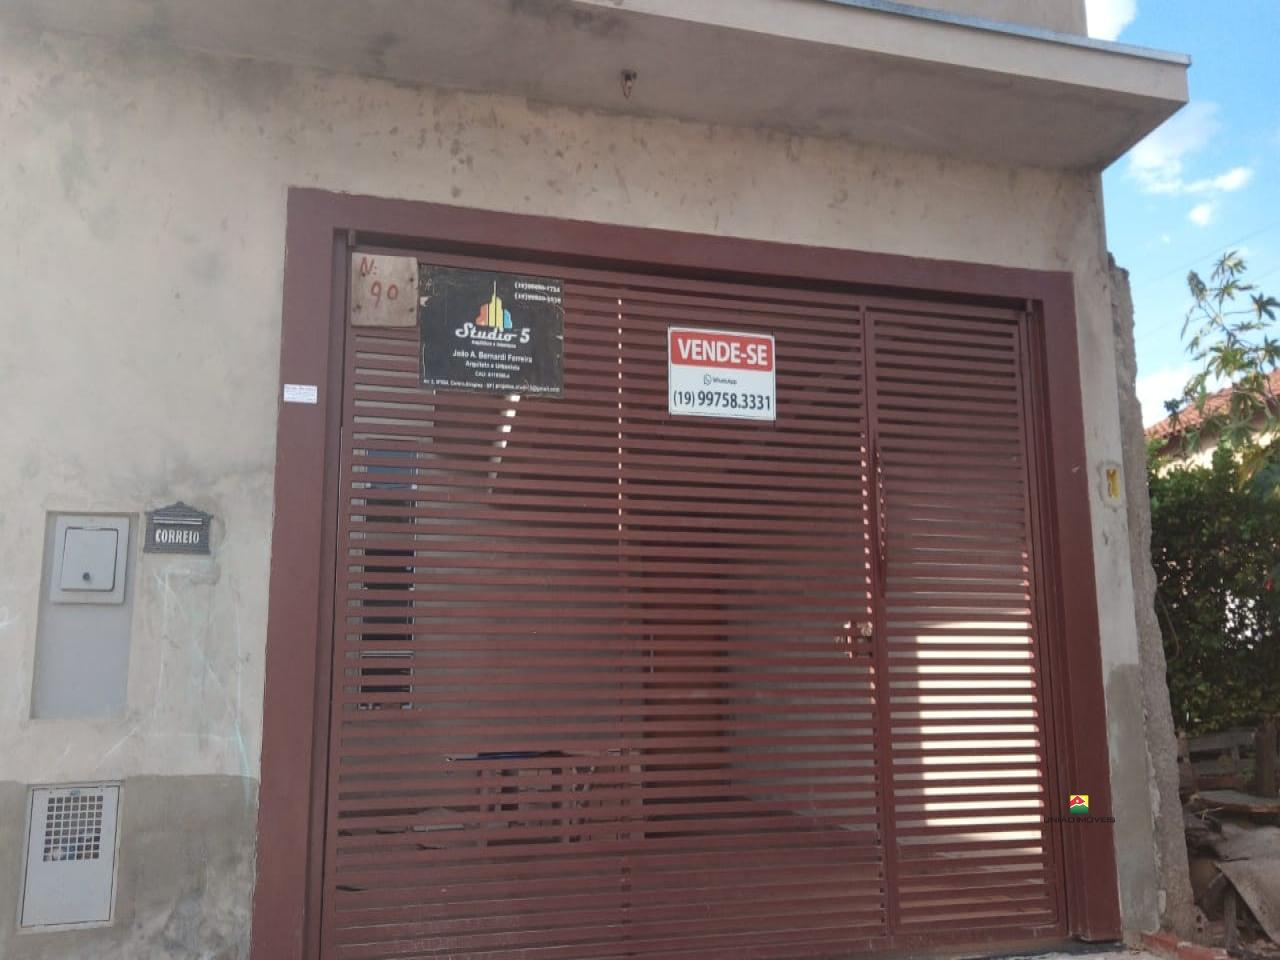 http://www2.sgn2.com.br/clientes/itirapina/vda/v2511a.jpg